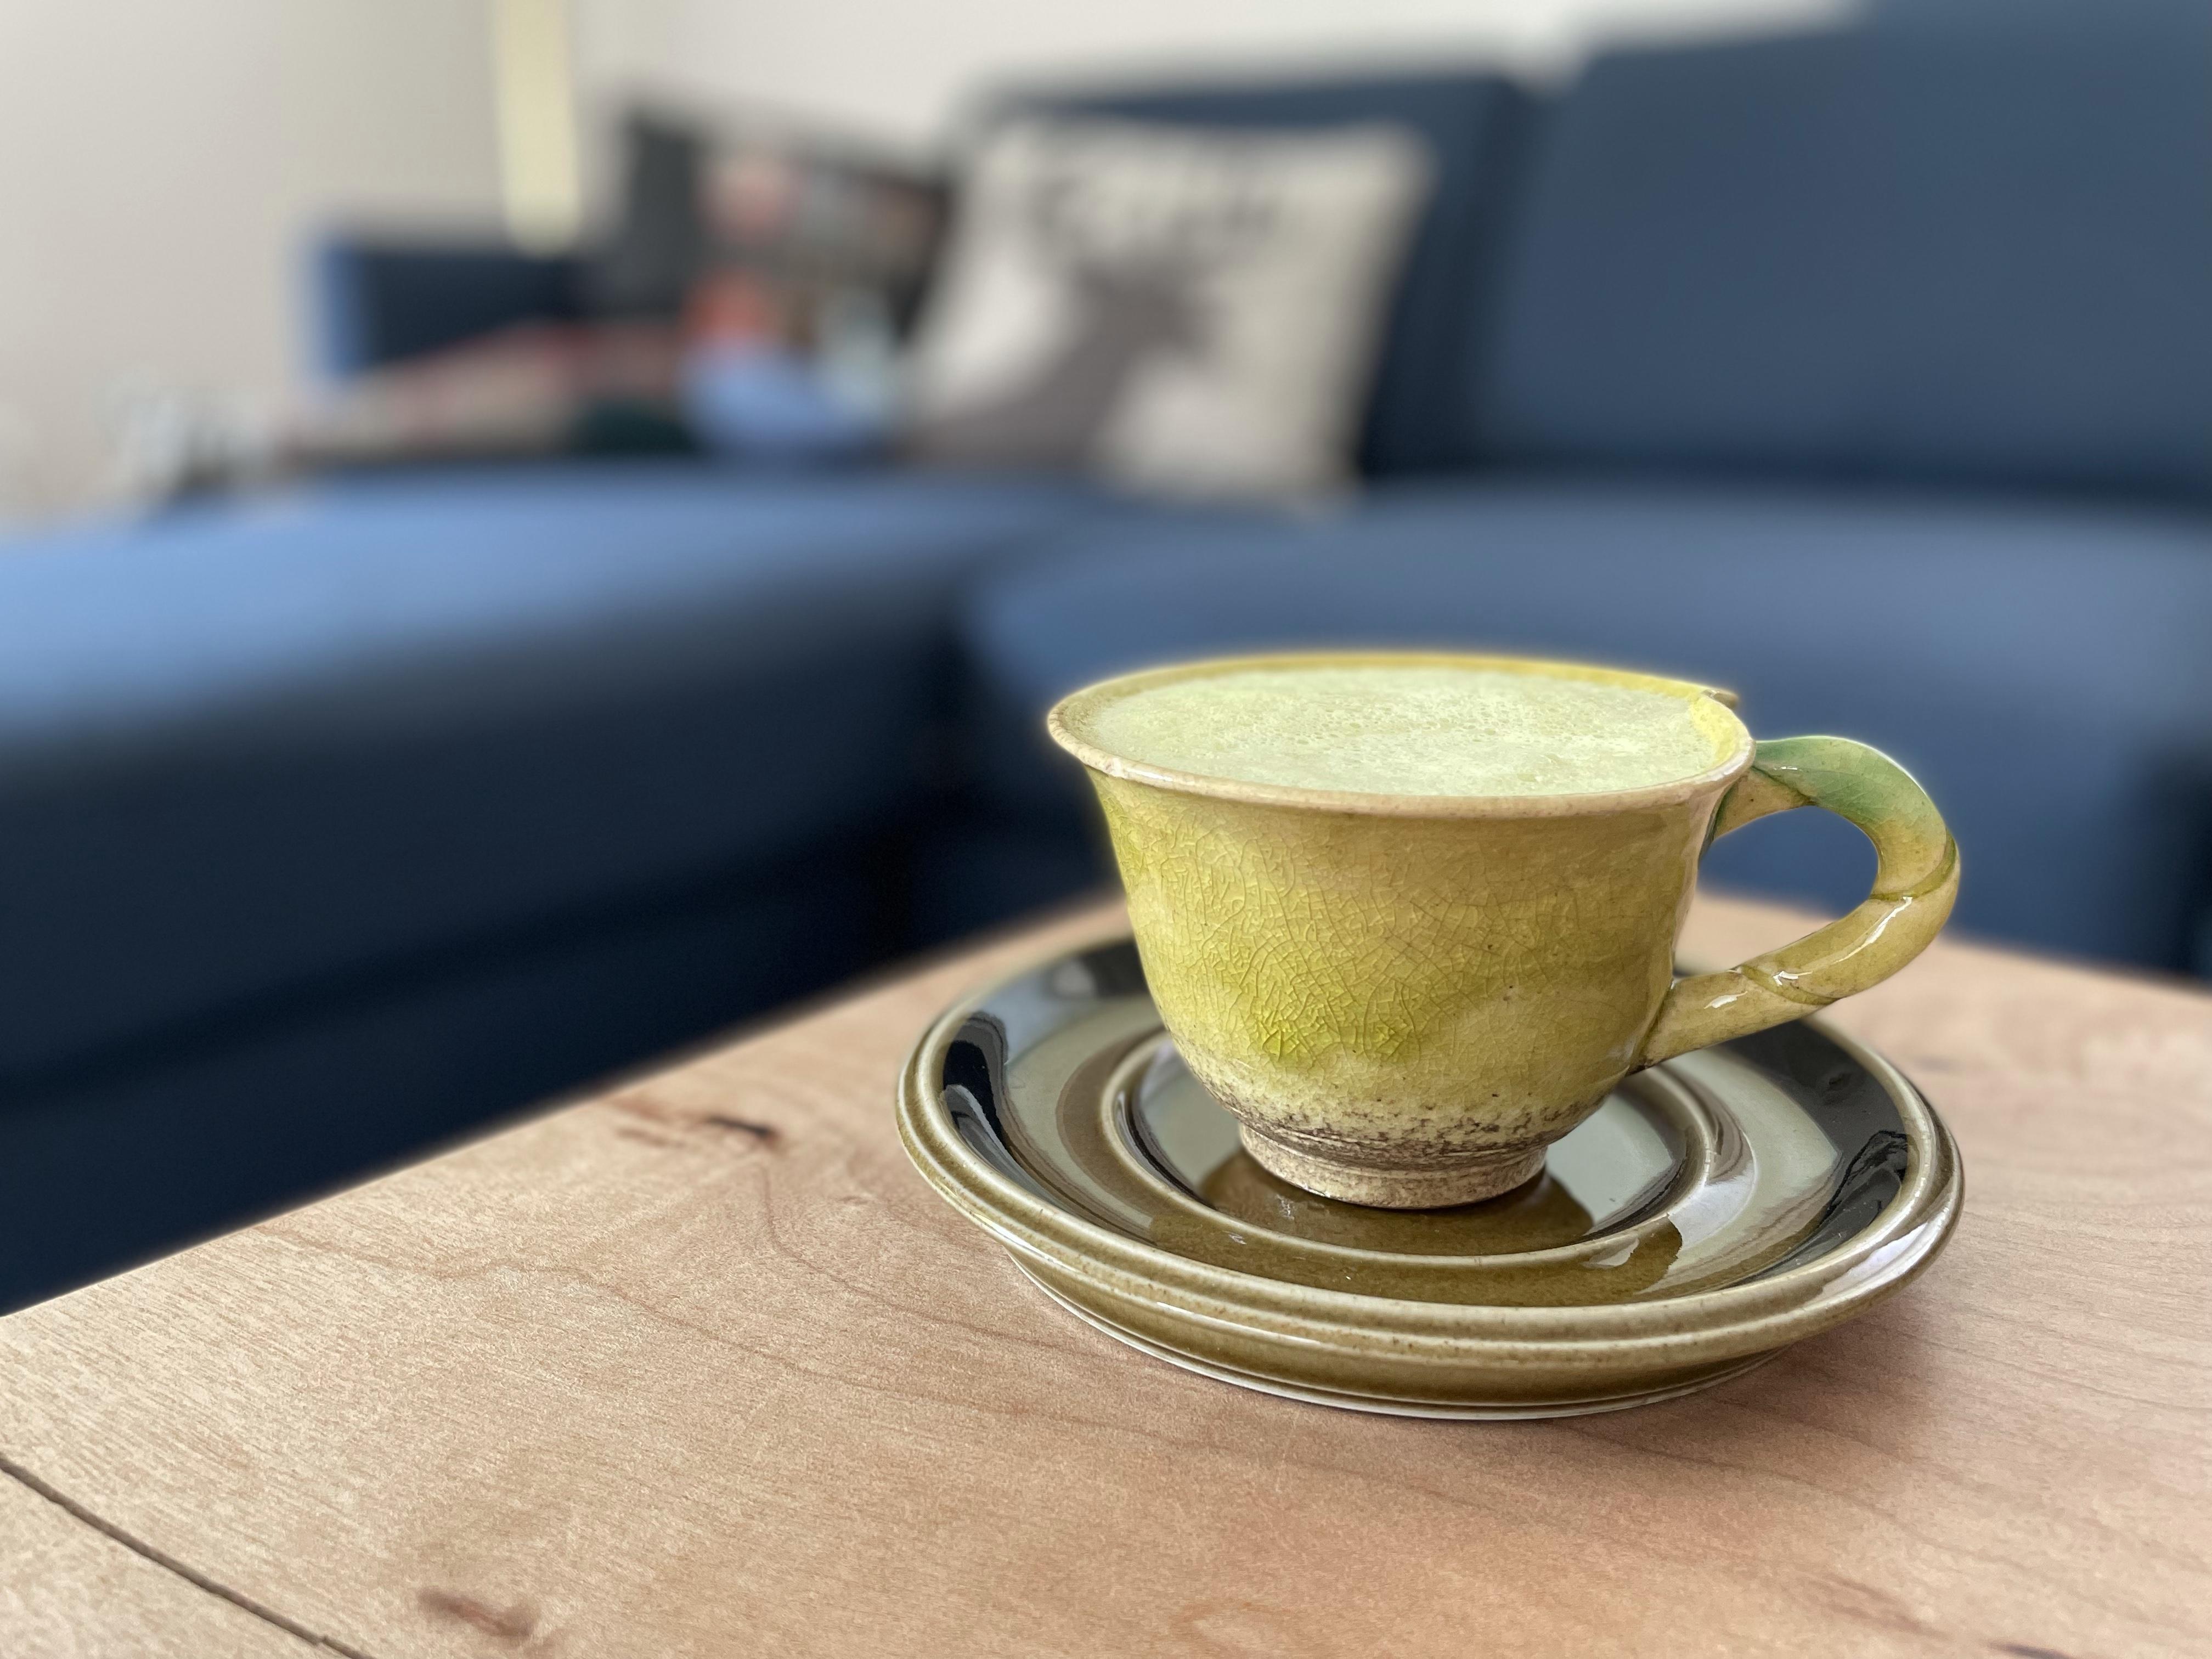 Making a matcha latte